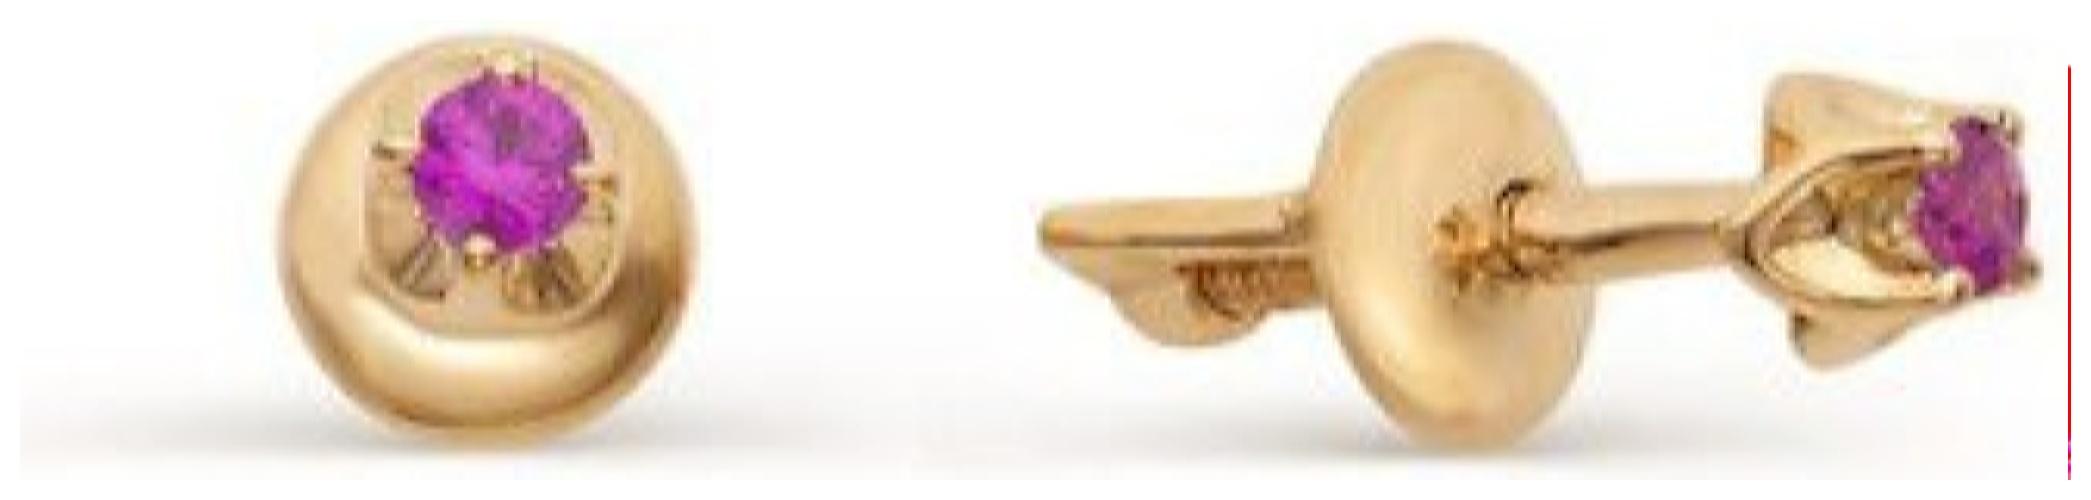 картинка серьги из золота 585° с рубином 2091-103